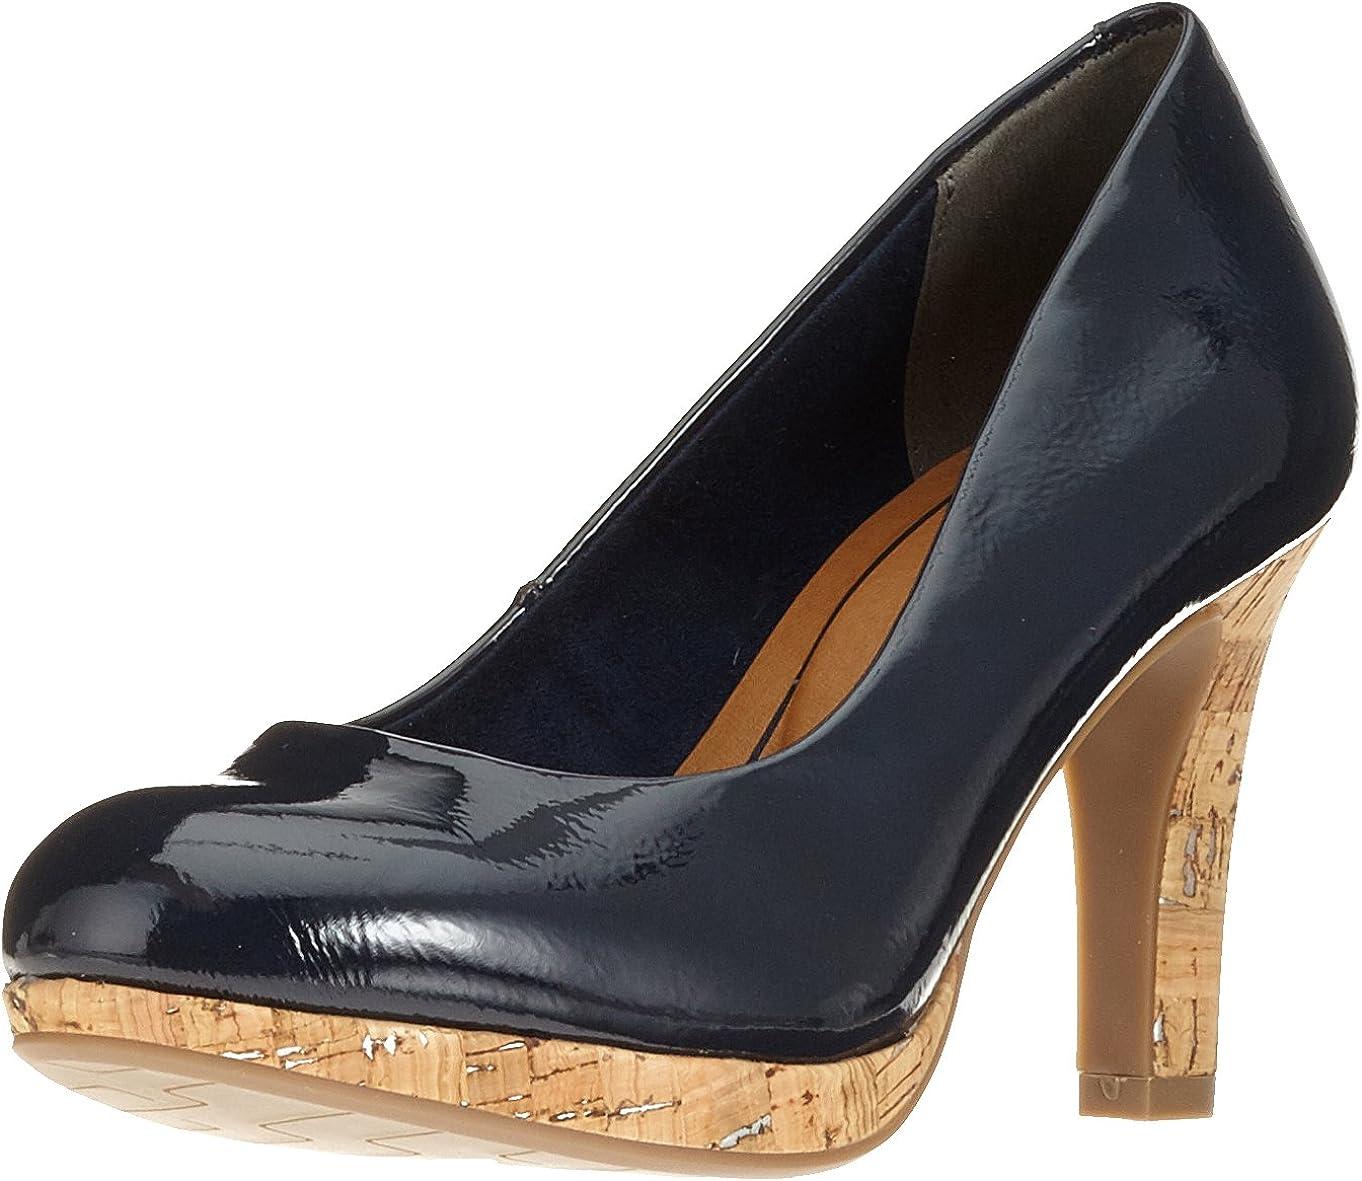 TALLA 39 EU. Marco Tozzi 22421, Zapatos de Tacón para Mujer